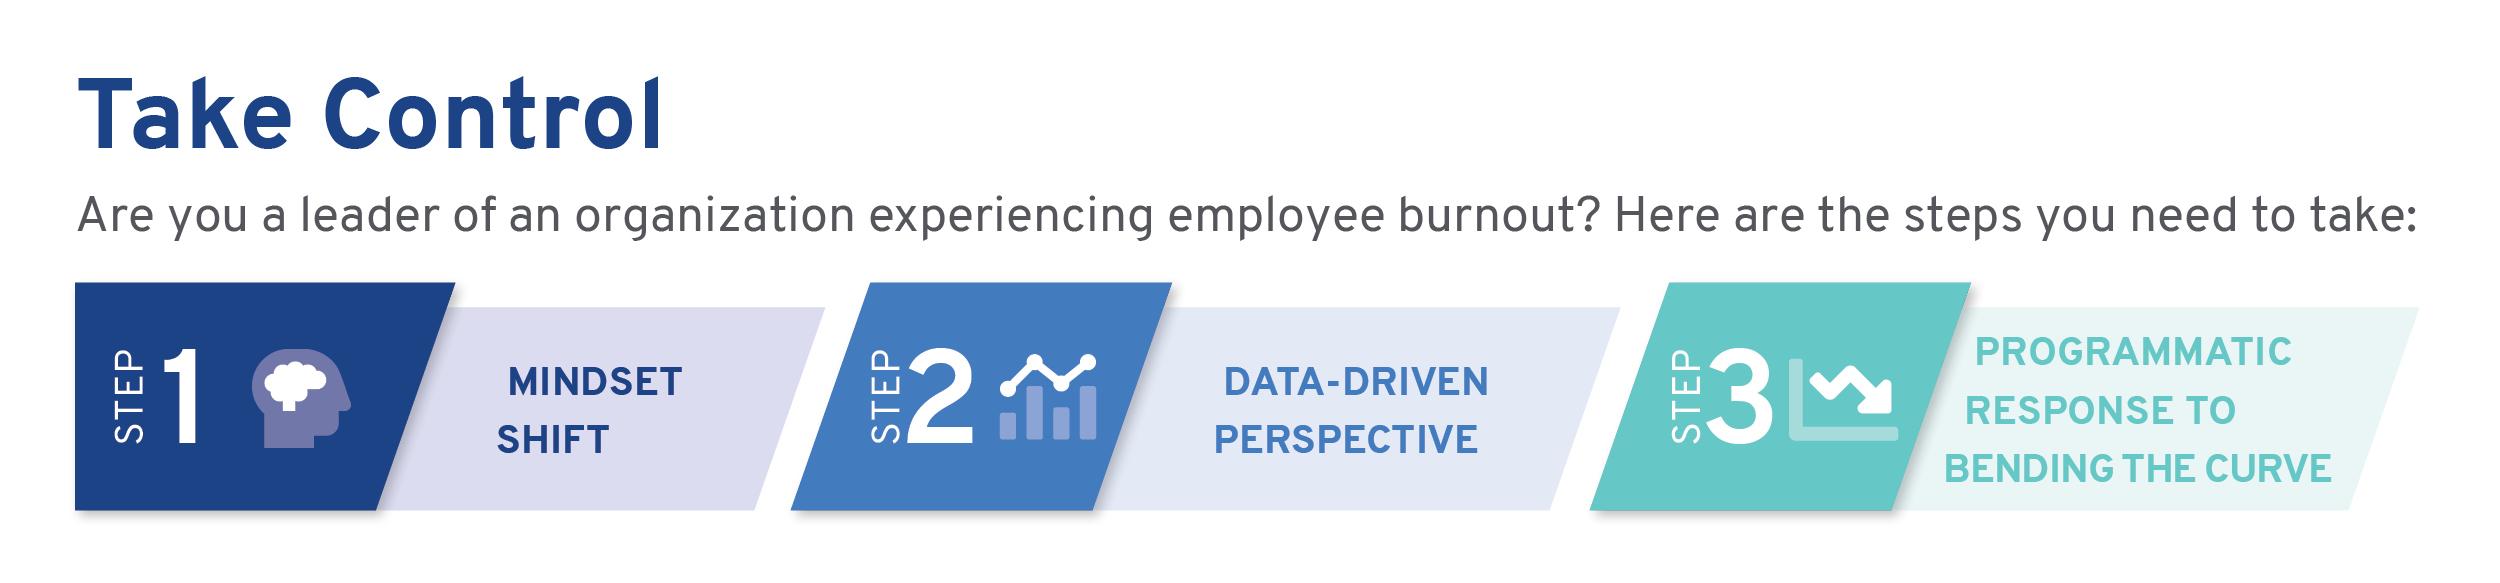 Burnout-Mindset-Shift-Steps-Forward-DHG-Healthcare.jpg